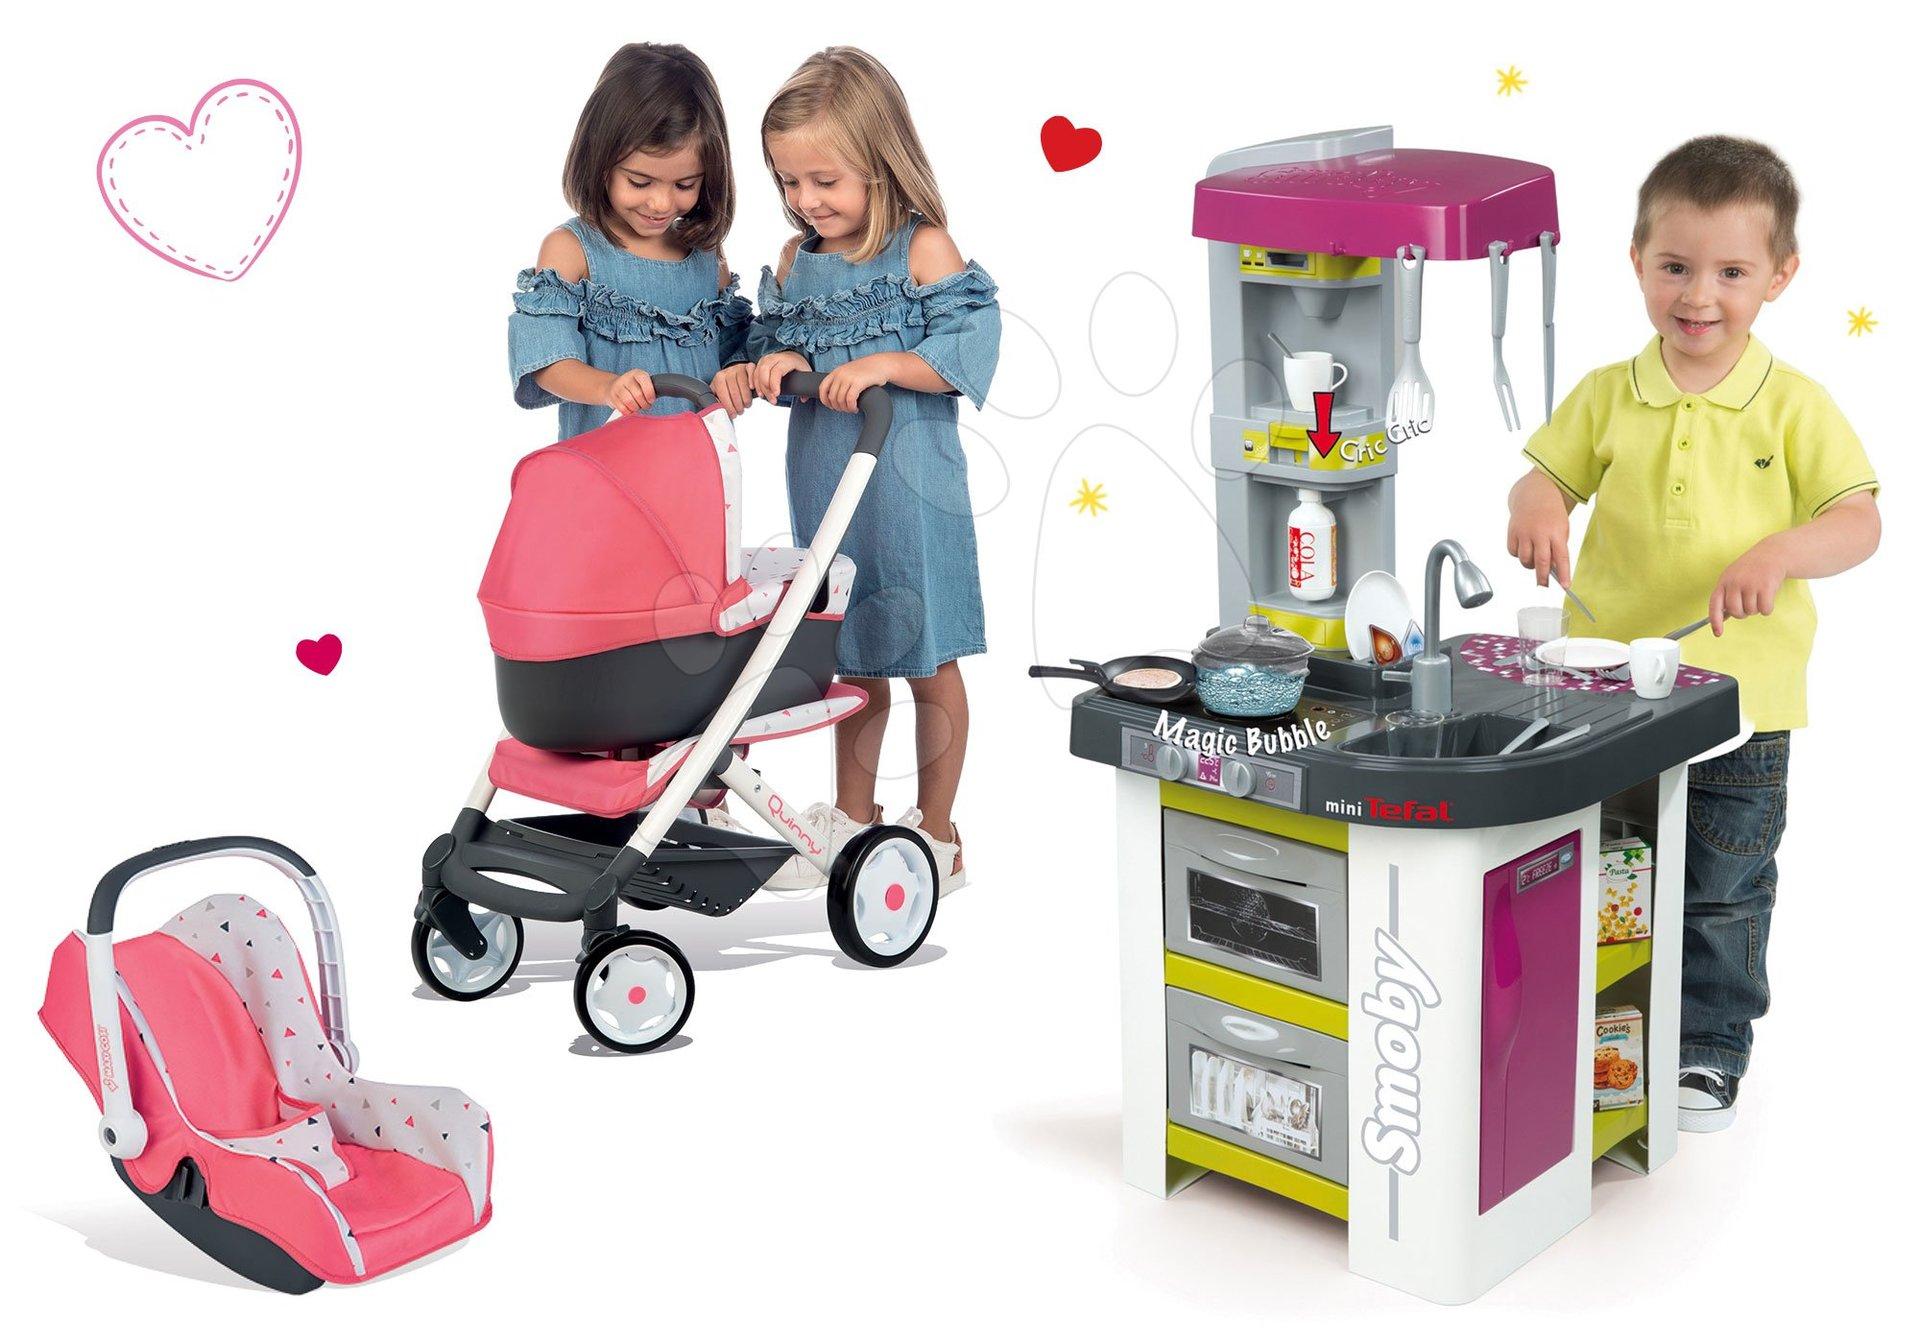 Kuchynky pre deti sety - Set kuchynka Tefal Studio BBQ Bublinky Smoby s magickým bublaním a kočík Maxi Cosi 3v1 s autosedačkou a hojdačkou